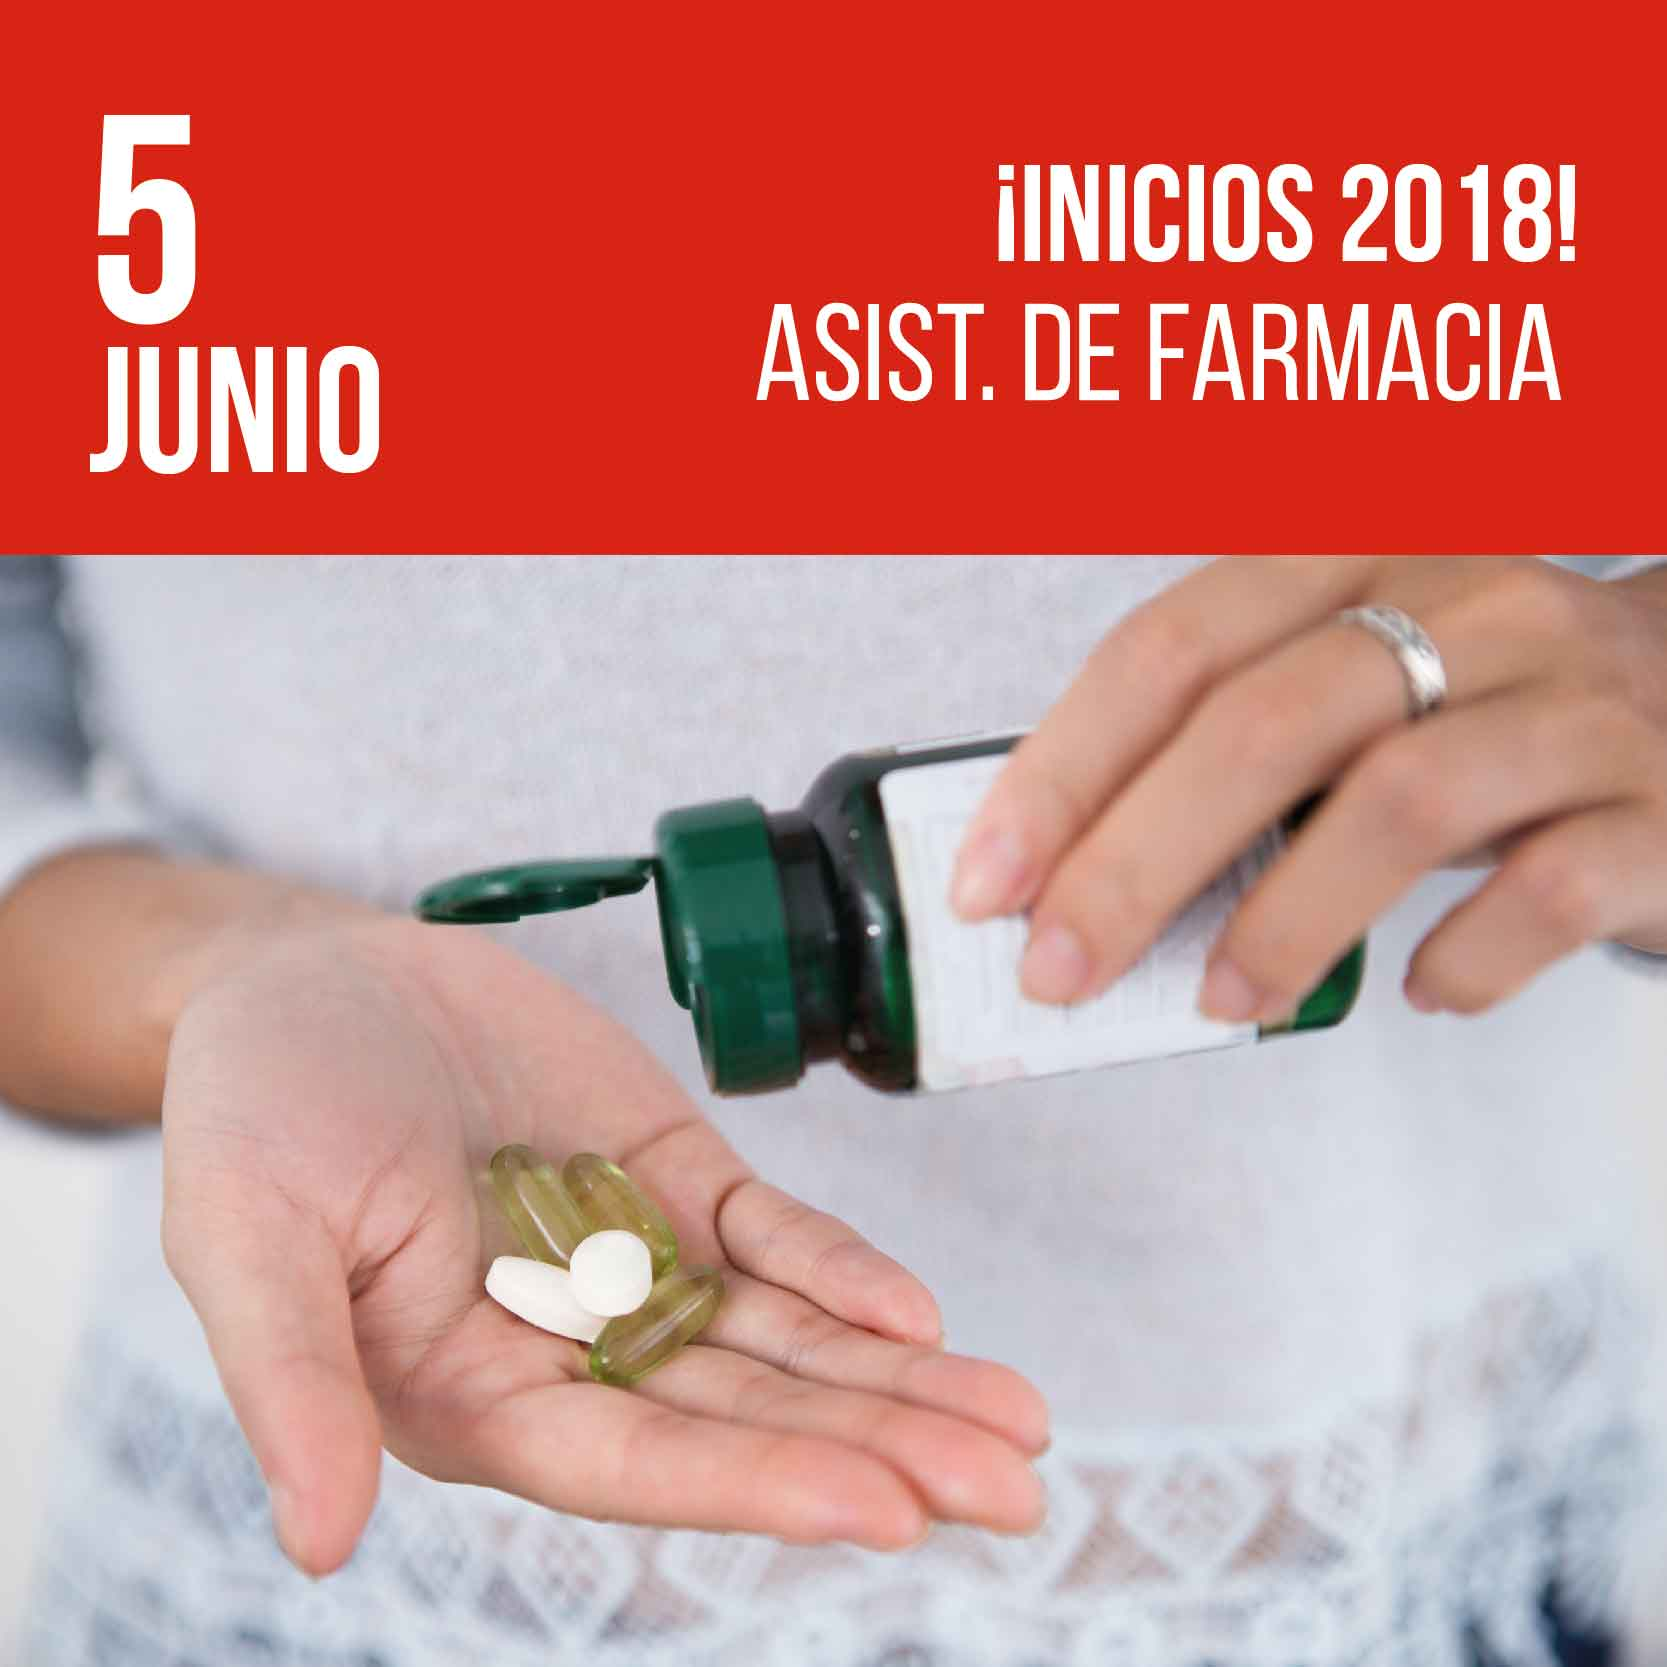 Atractivo El Técnico De Farmacia No Reanuda Experiencia Imagen ...